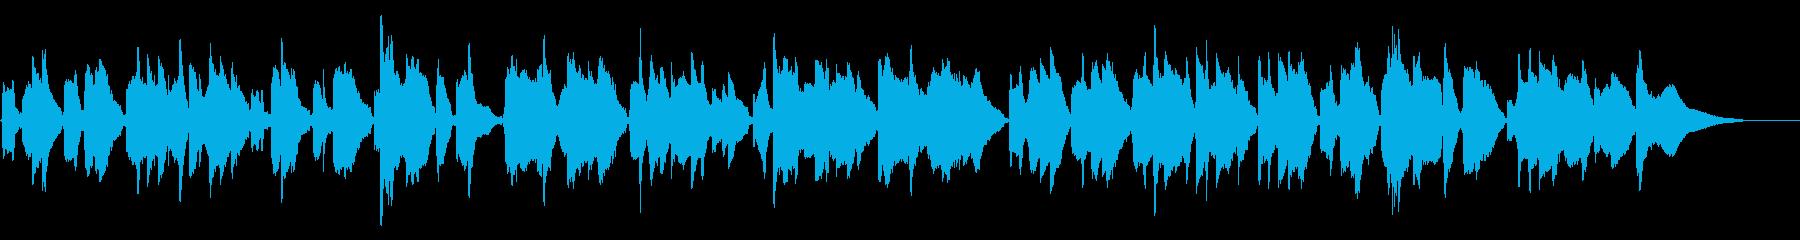 うとうと・眠気を誘う間の抜けたコミカル曲の再生済みの波形